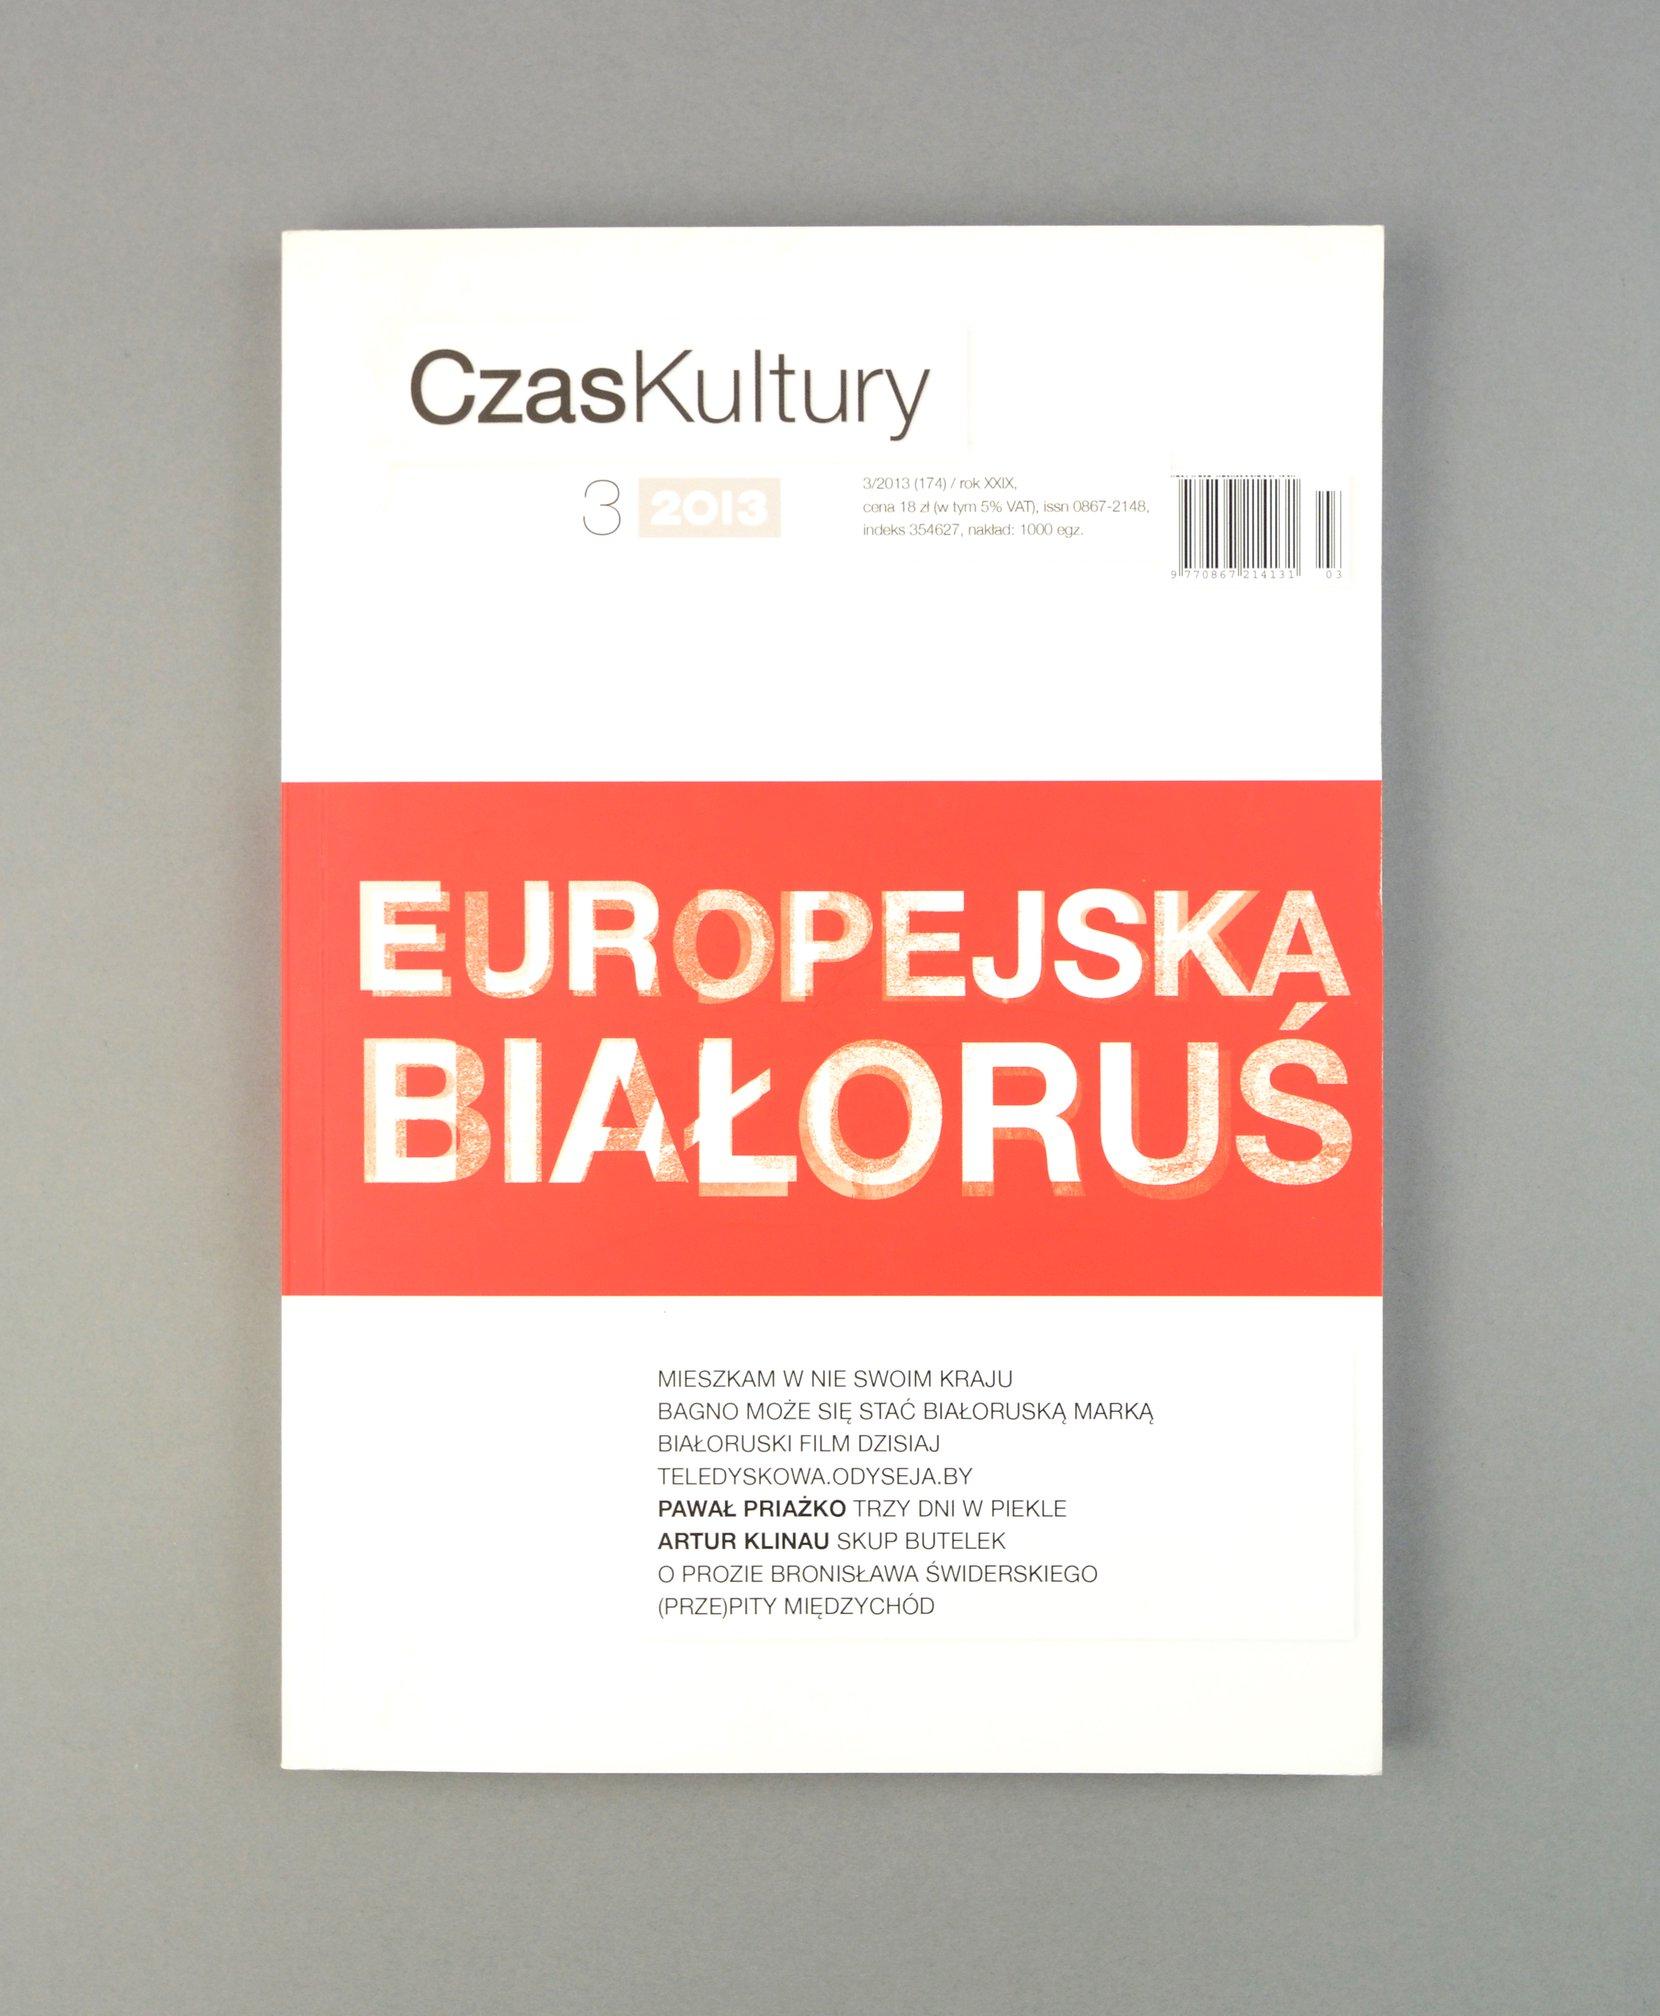 czas kultury no. 3/2013 periodicals art & culture